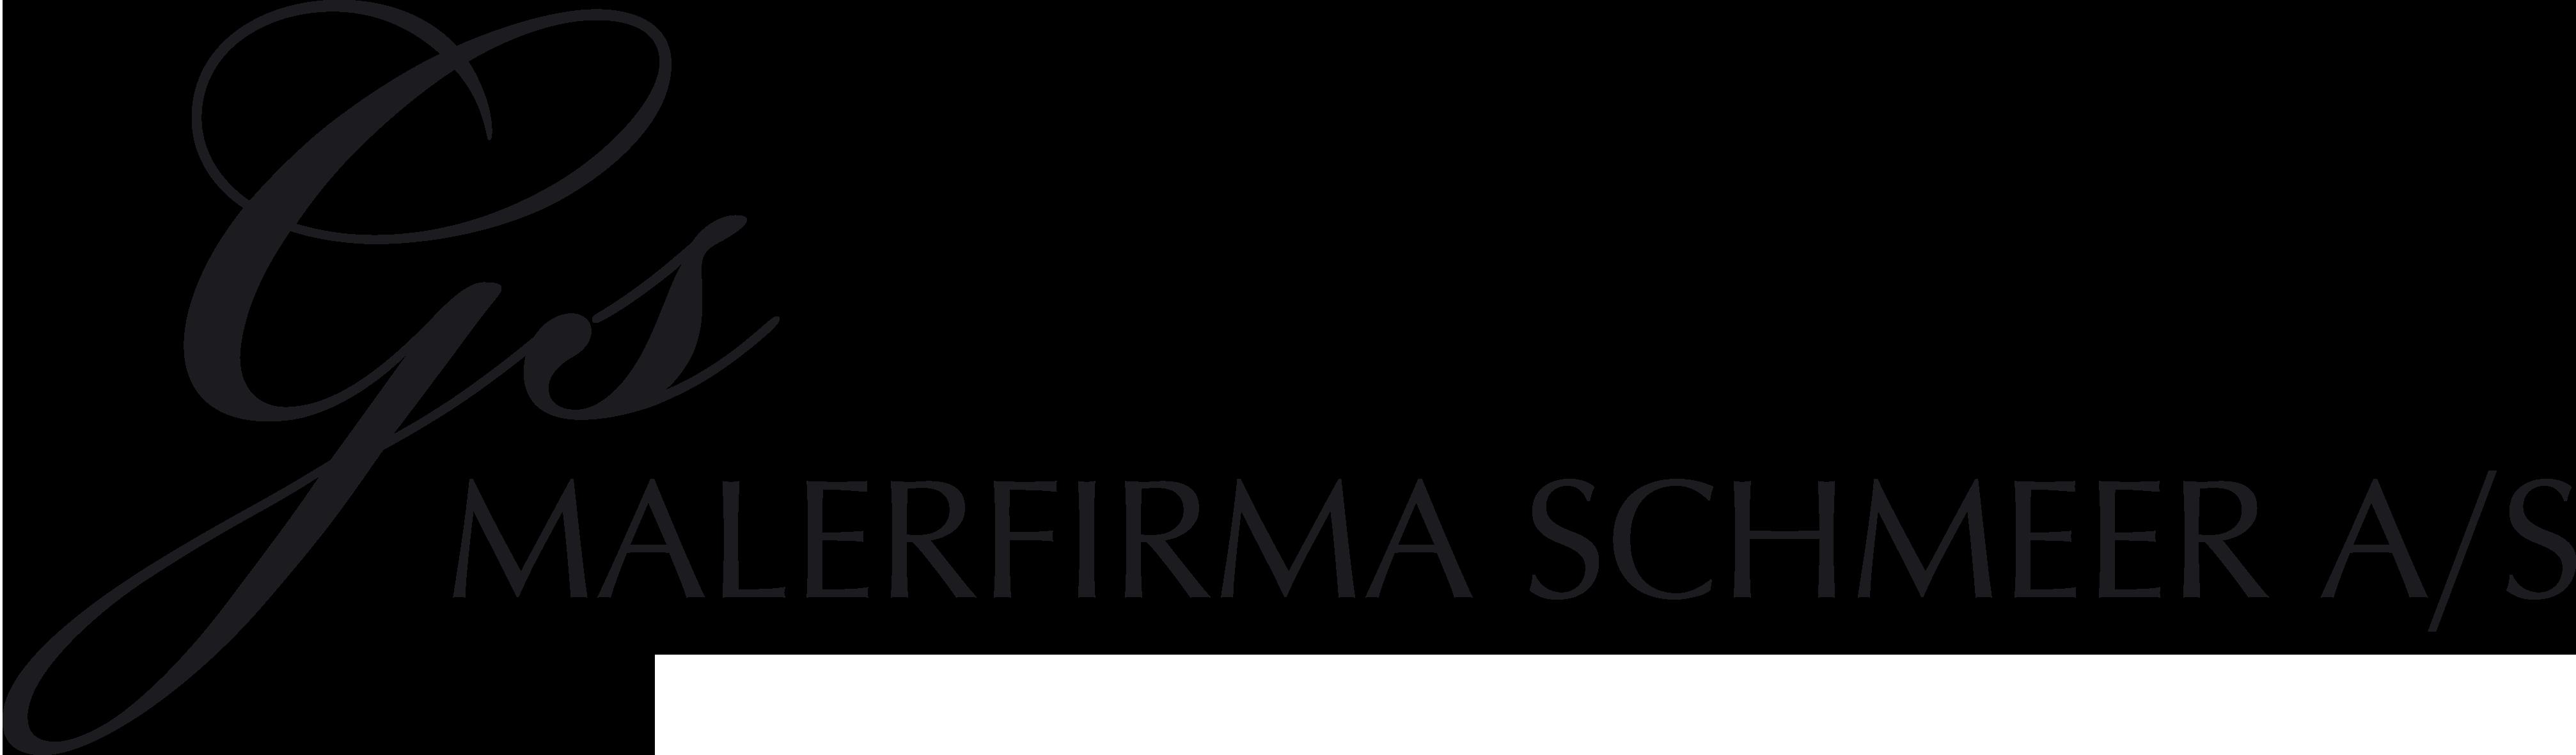 malerfirmaet-schmeer__sponsor_oenserhvervsnetvaerk